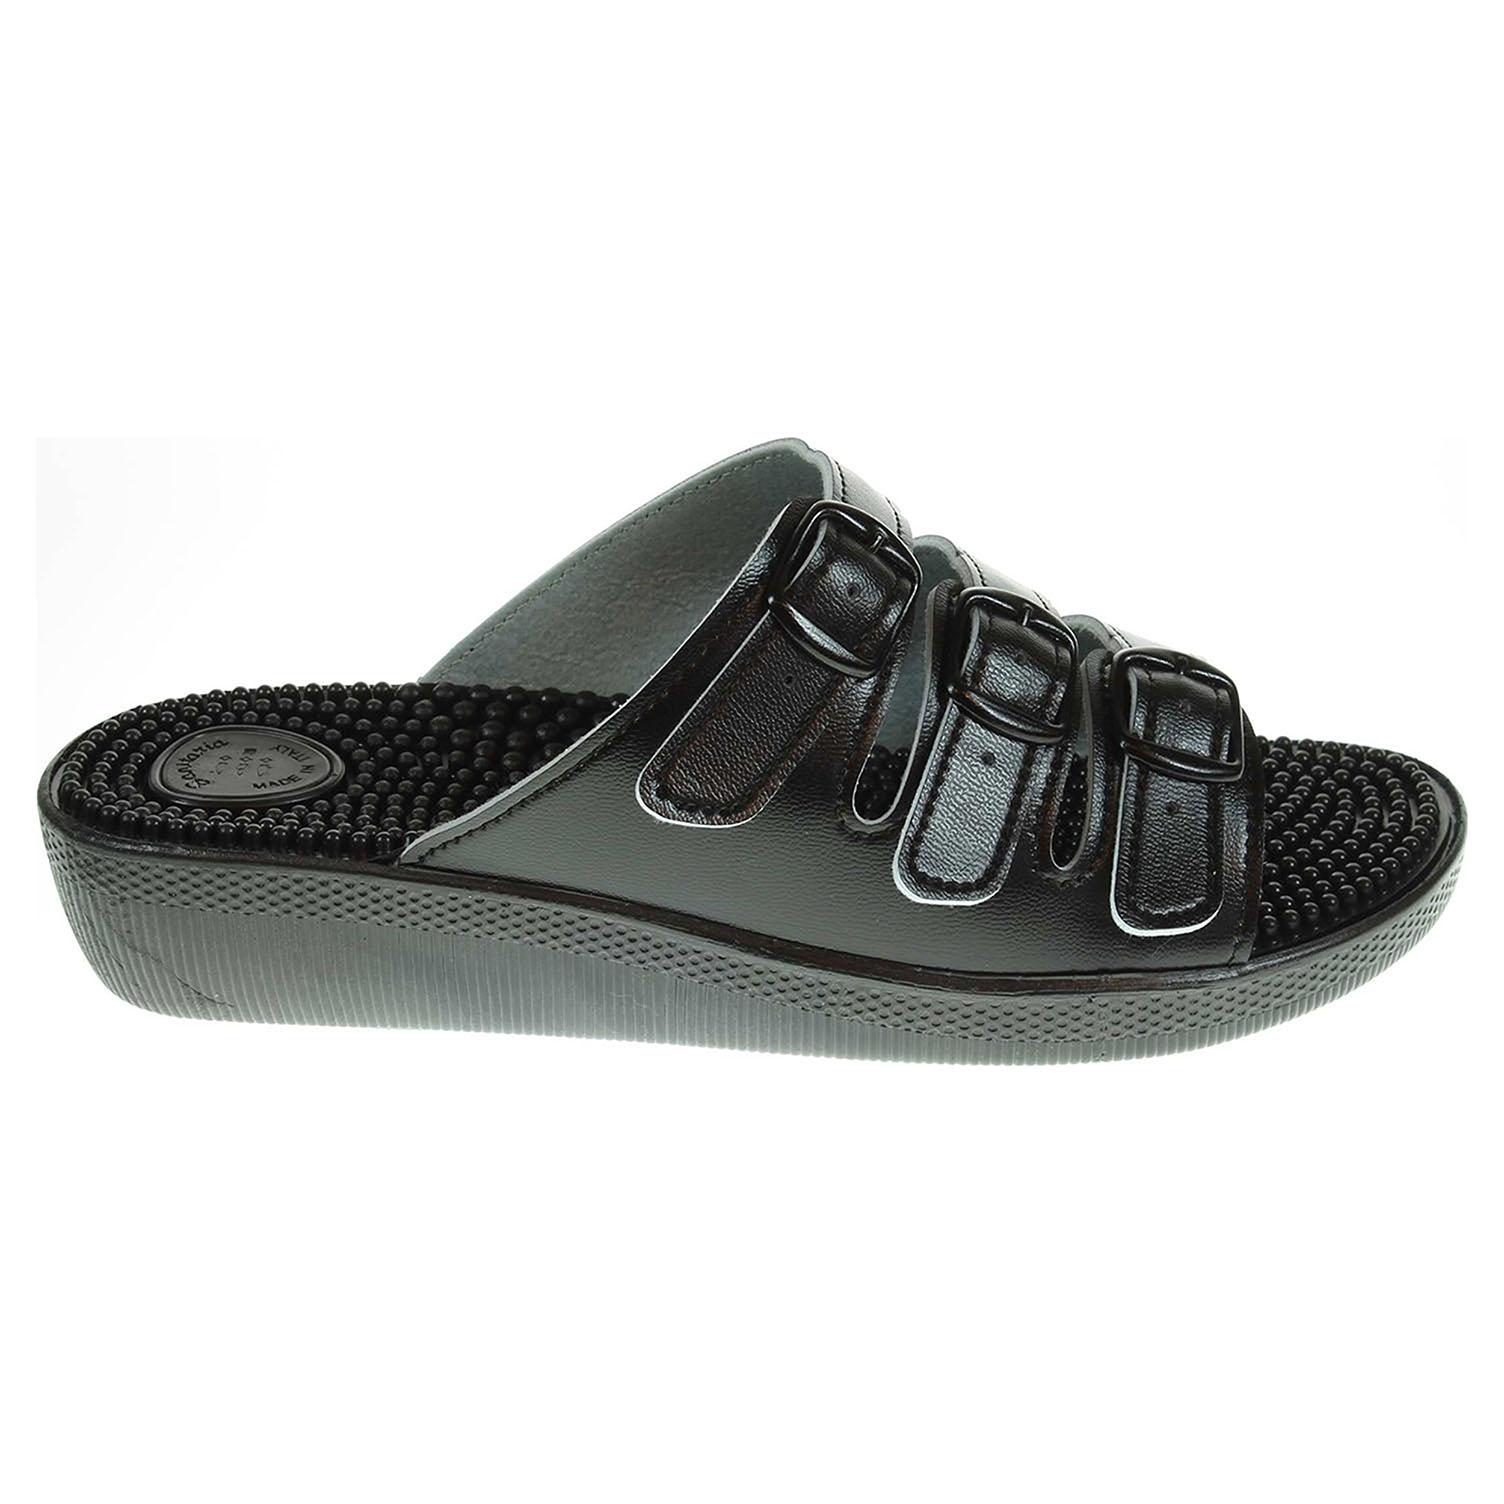 Zdravotní pantofle PK Rega masážní černé 39